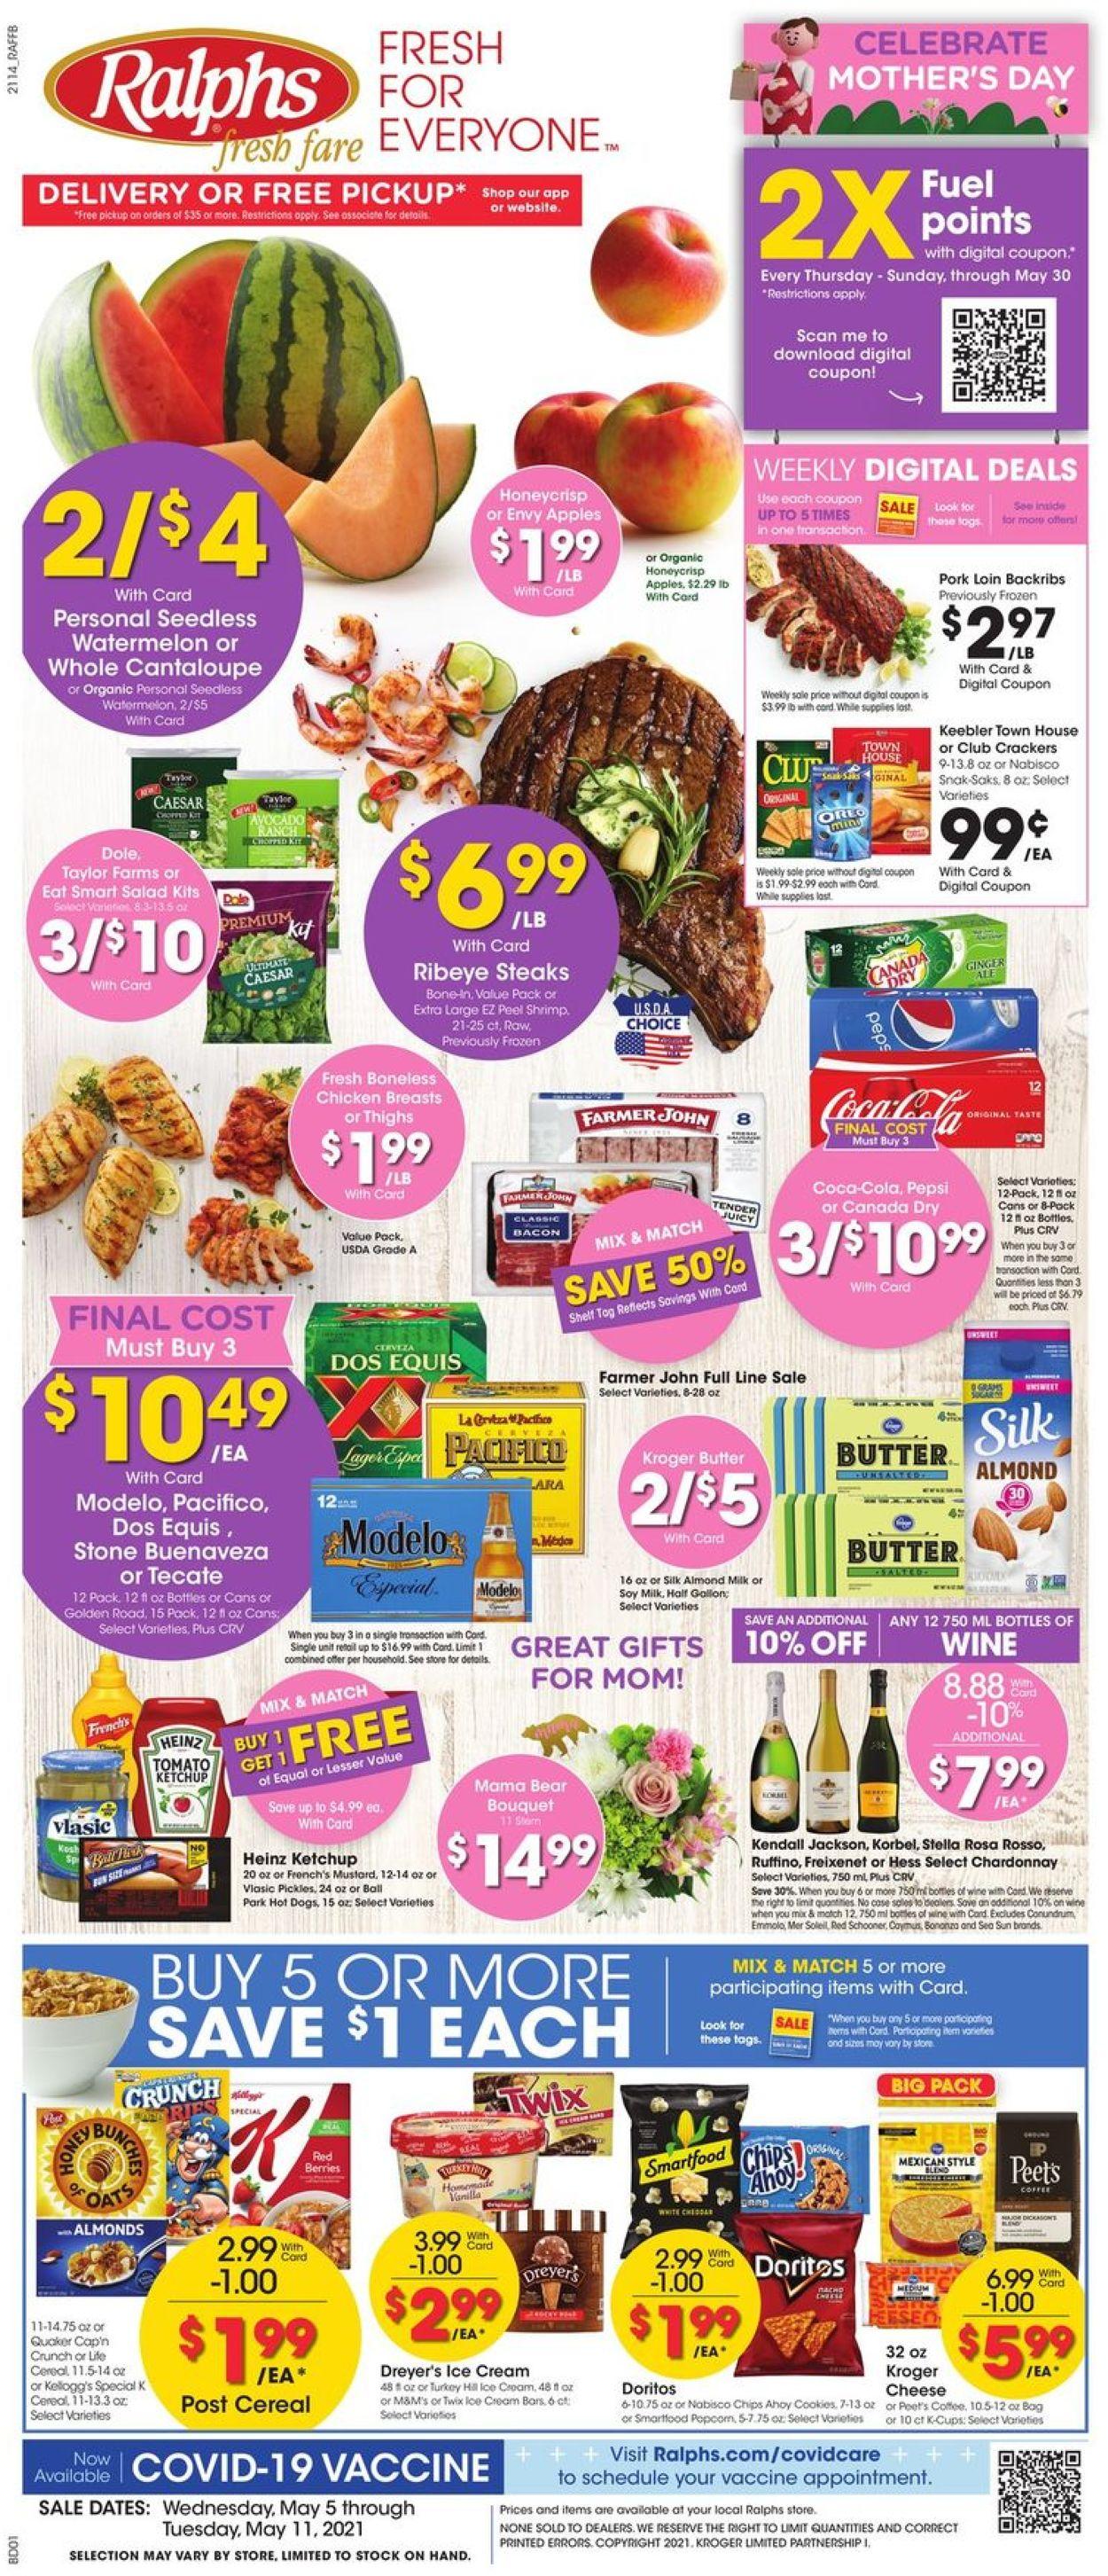 Ralphs Weekly Ad Circular - valid 05/05-05/11/2021